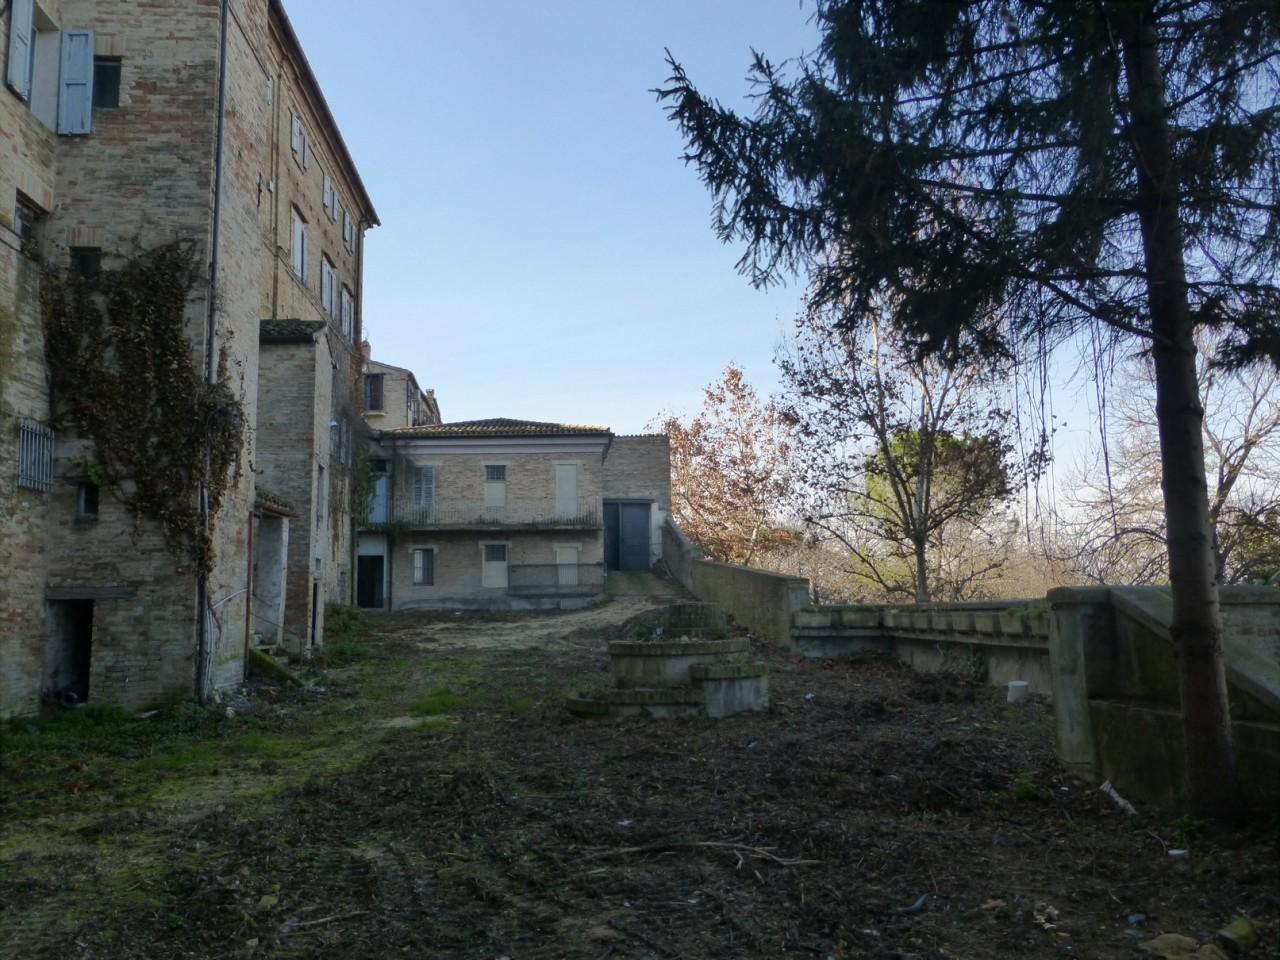 giardino monachette intermesoli macerata (3)